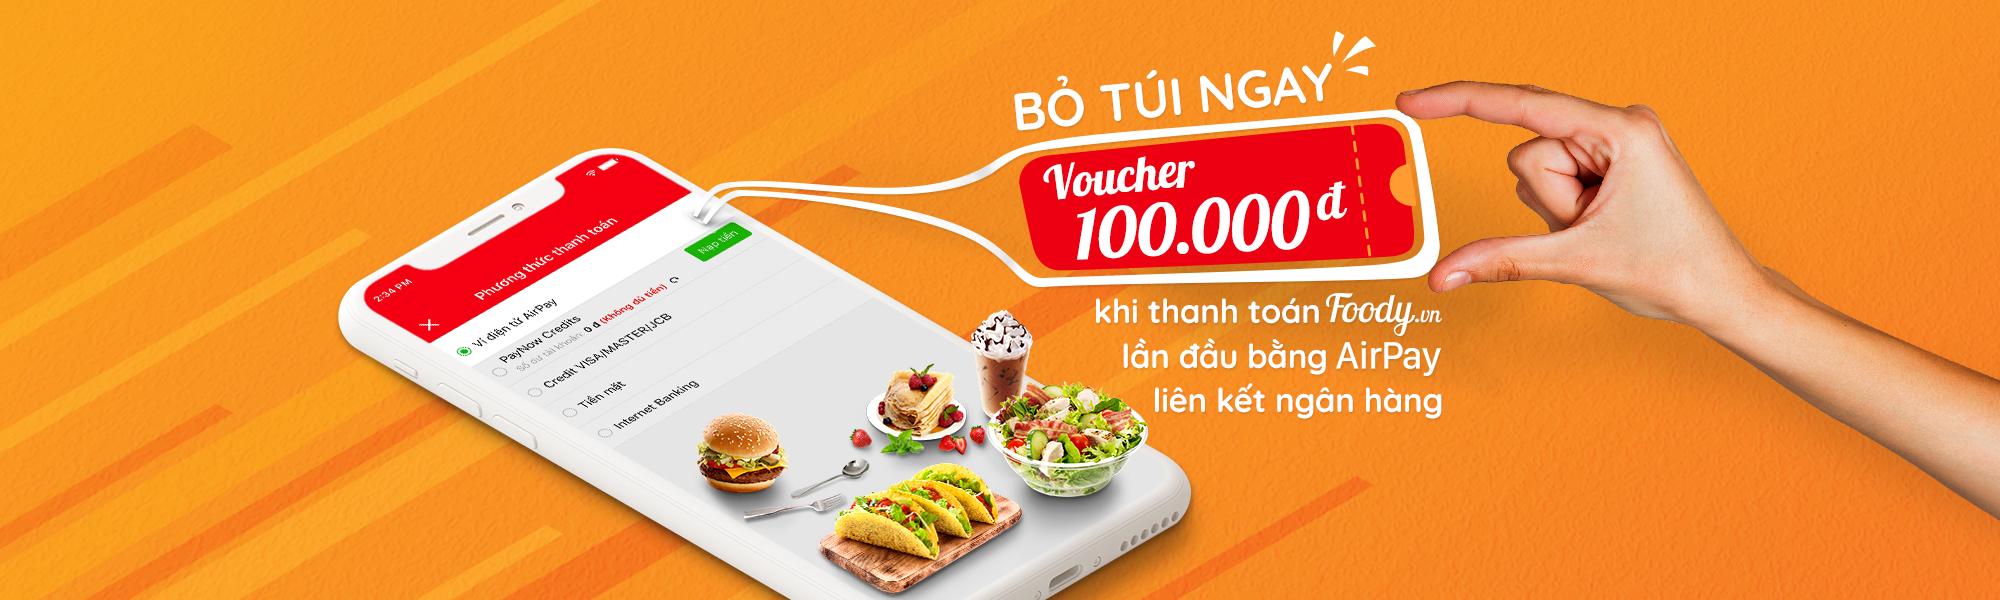 nhan-ngay-voucher-foody-100k-khi-lan-dau-thanh-toan-foody-bang-airpay-lien-ket-ngan-hang